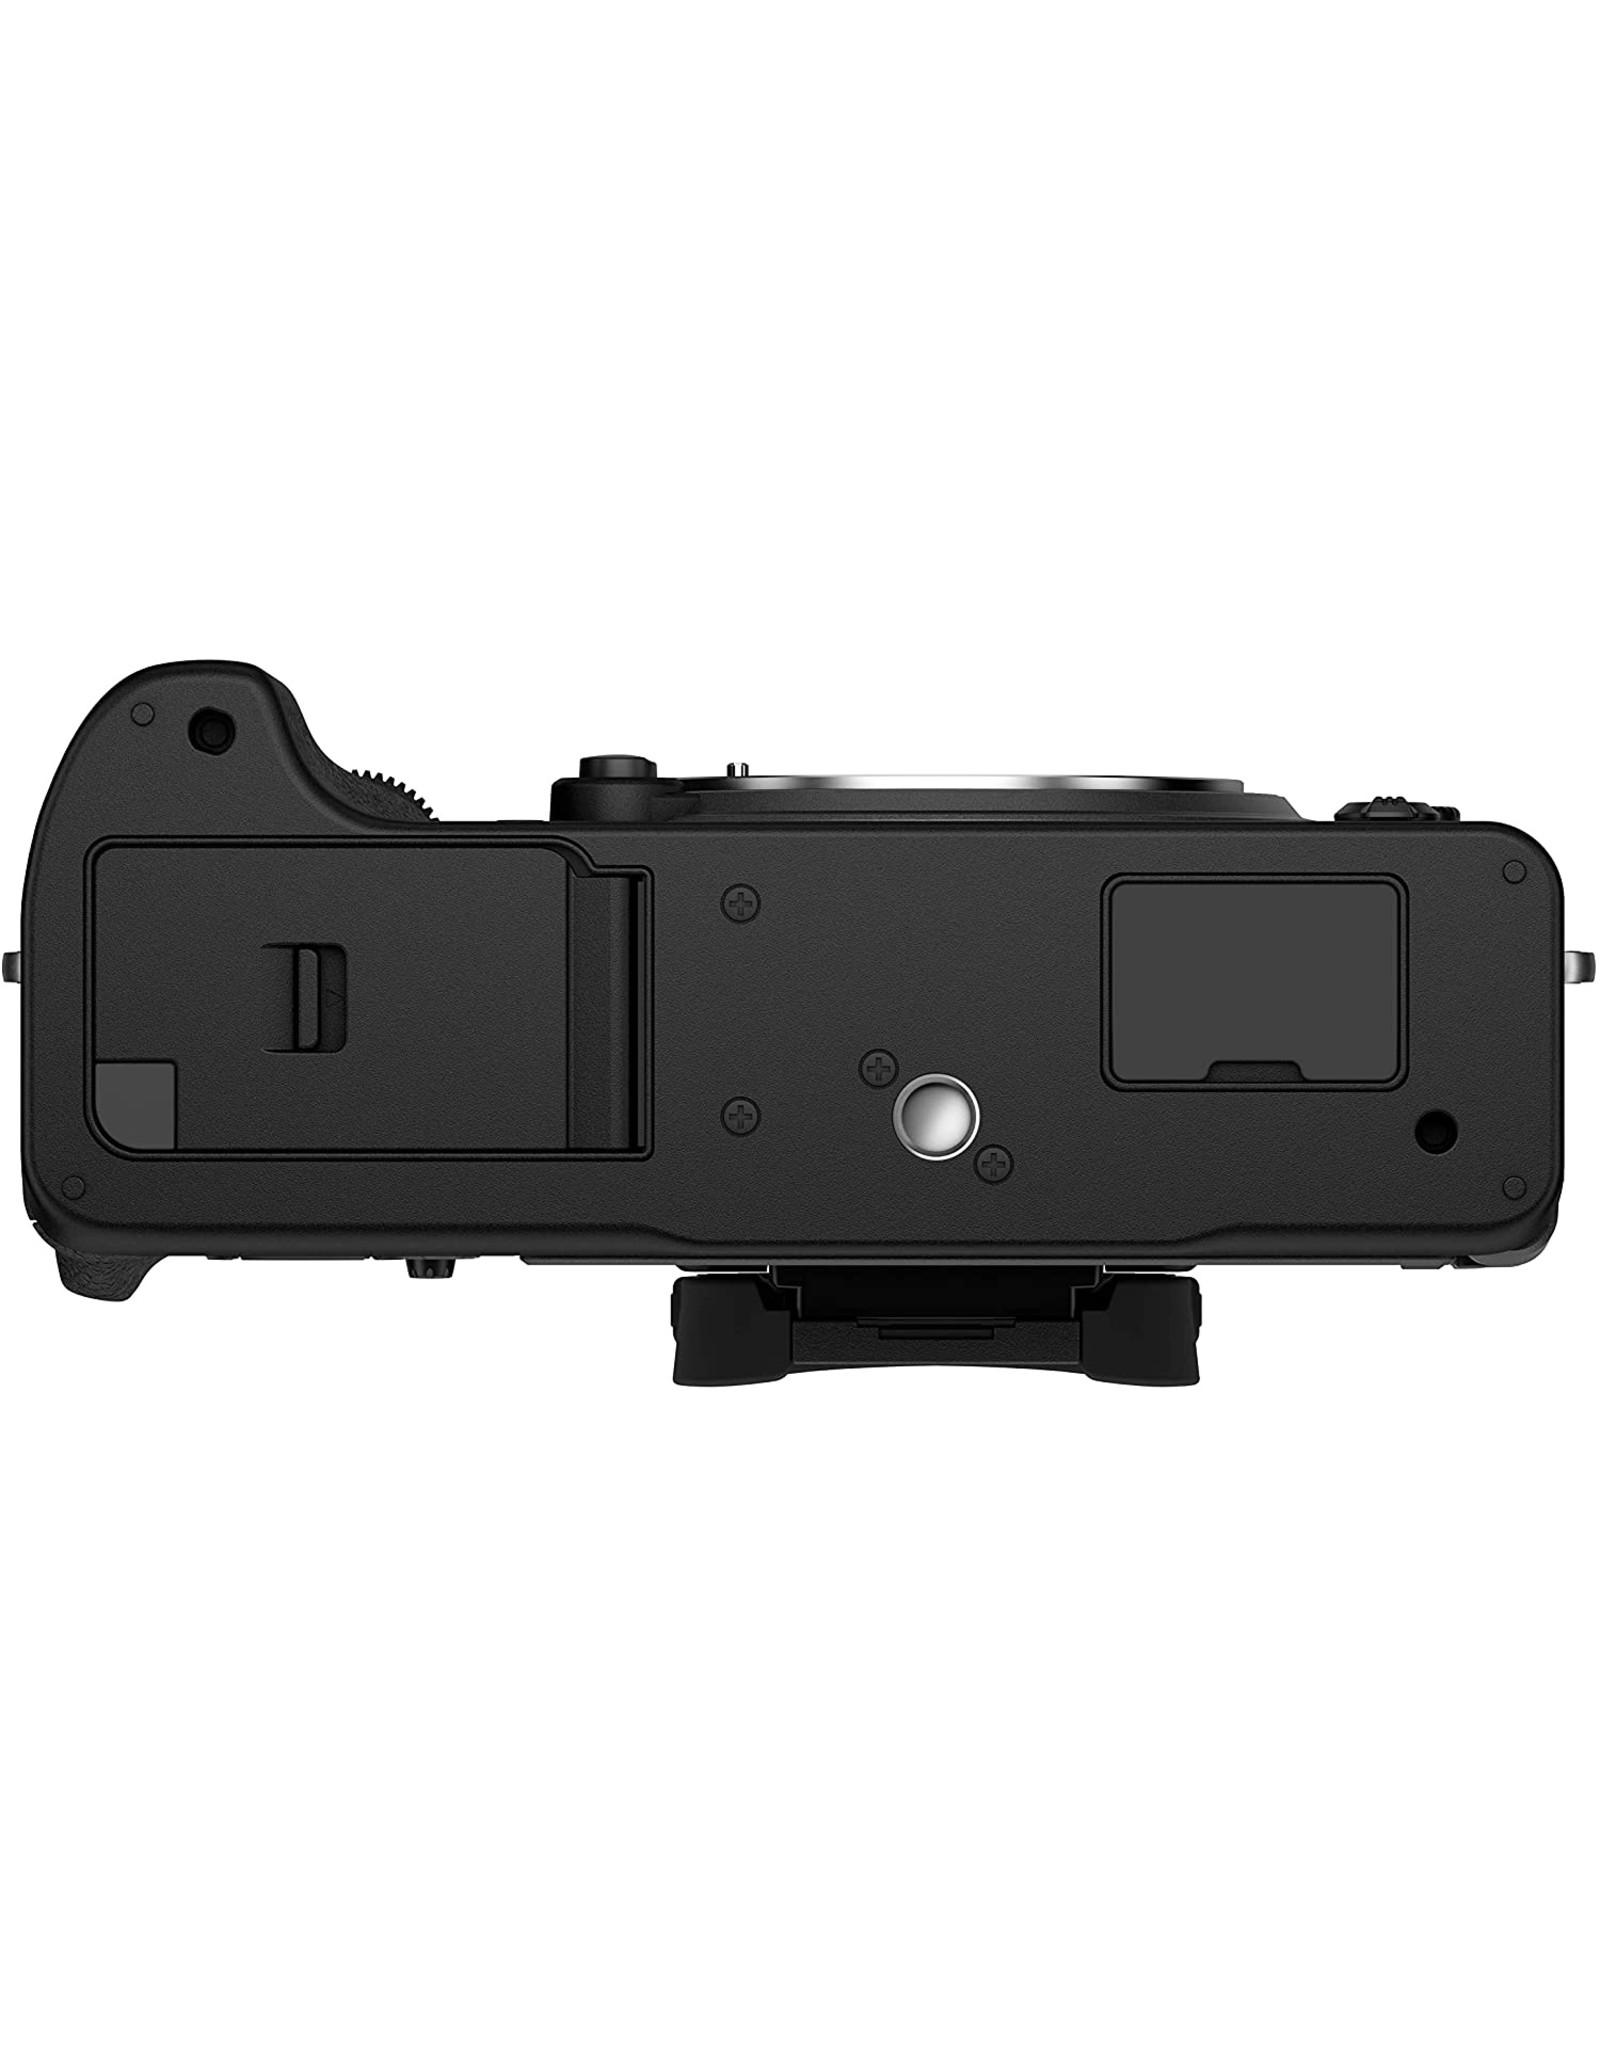 Fujifilm Fujifilm X-T4 Black   4547410427929